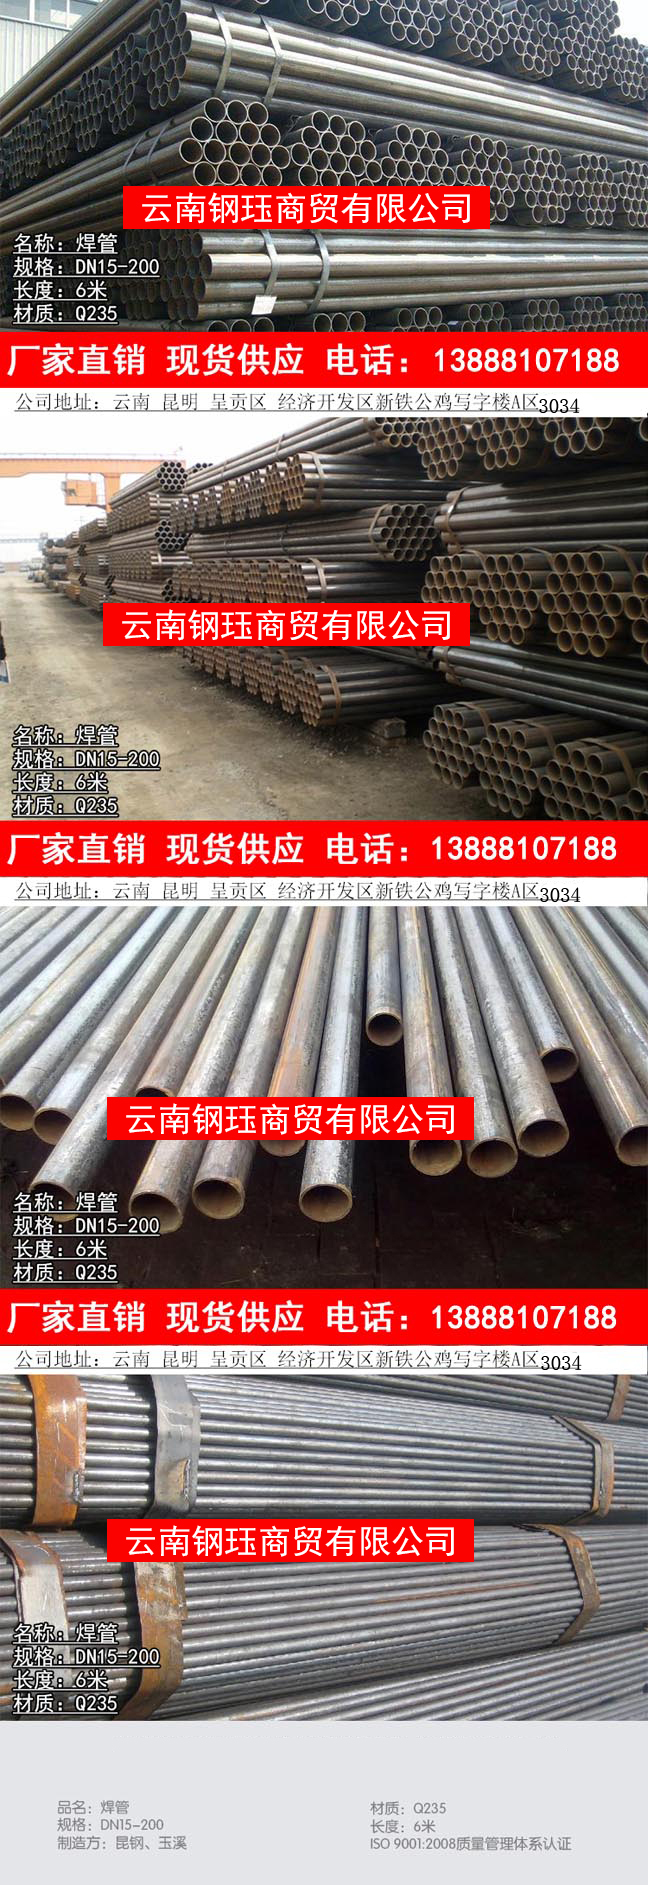 焊管1.jpg